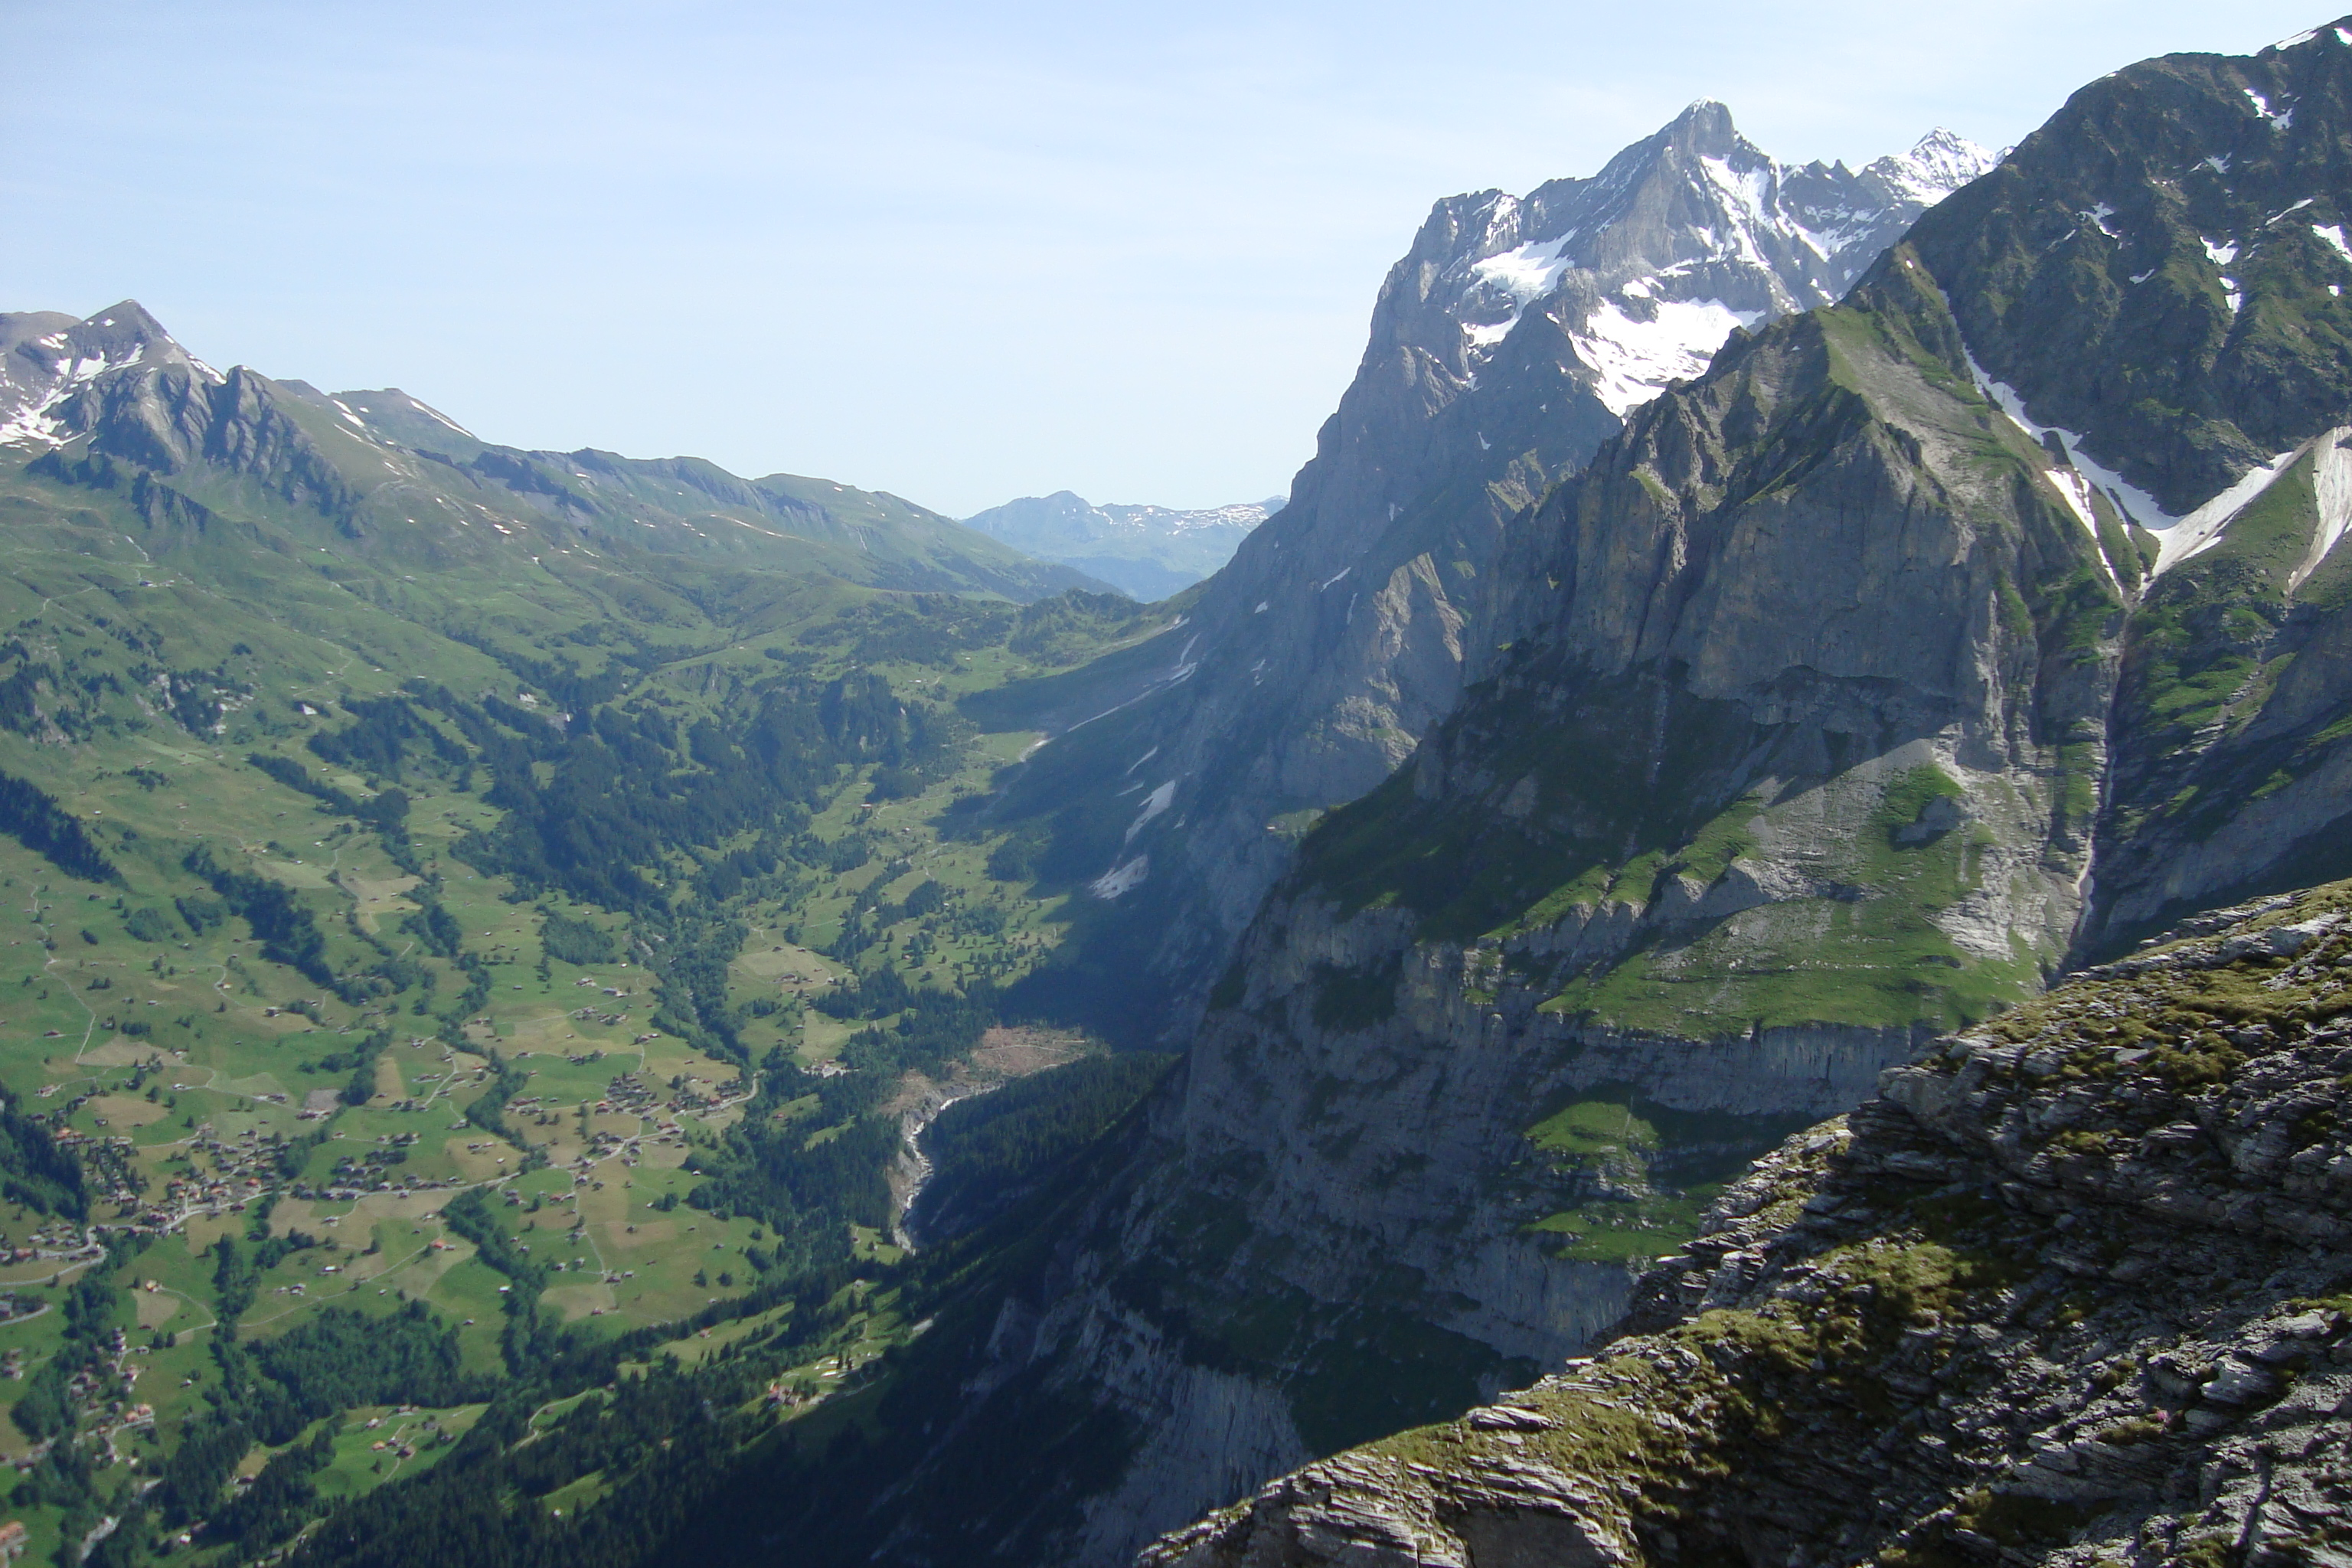 Klettersteig Ostegghütte : Eiger ostegghütte faszination hochtouren